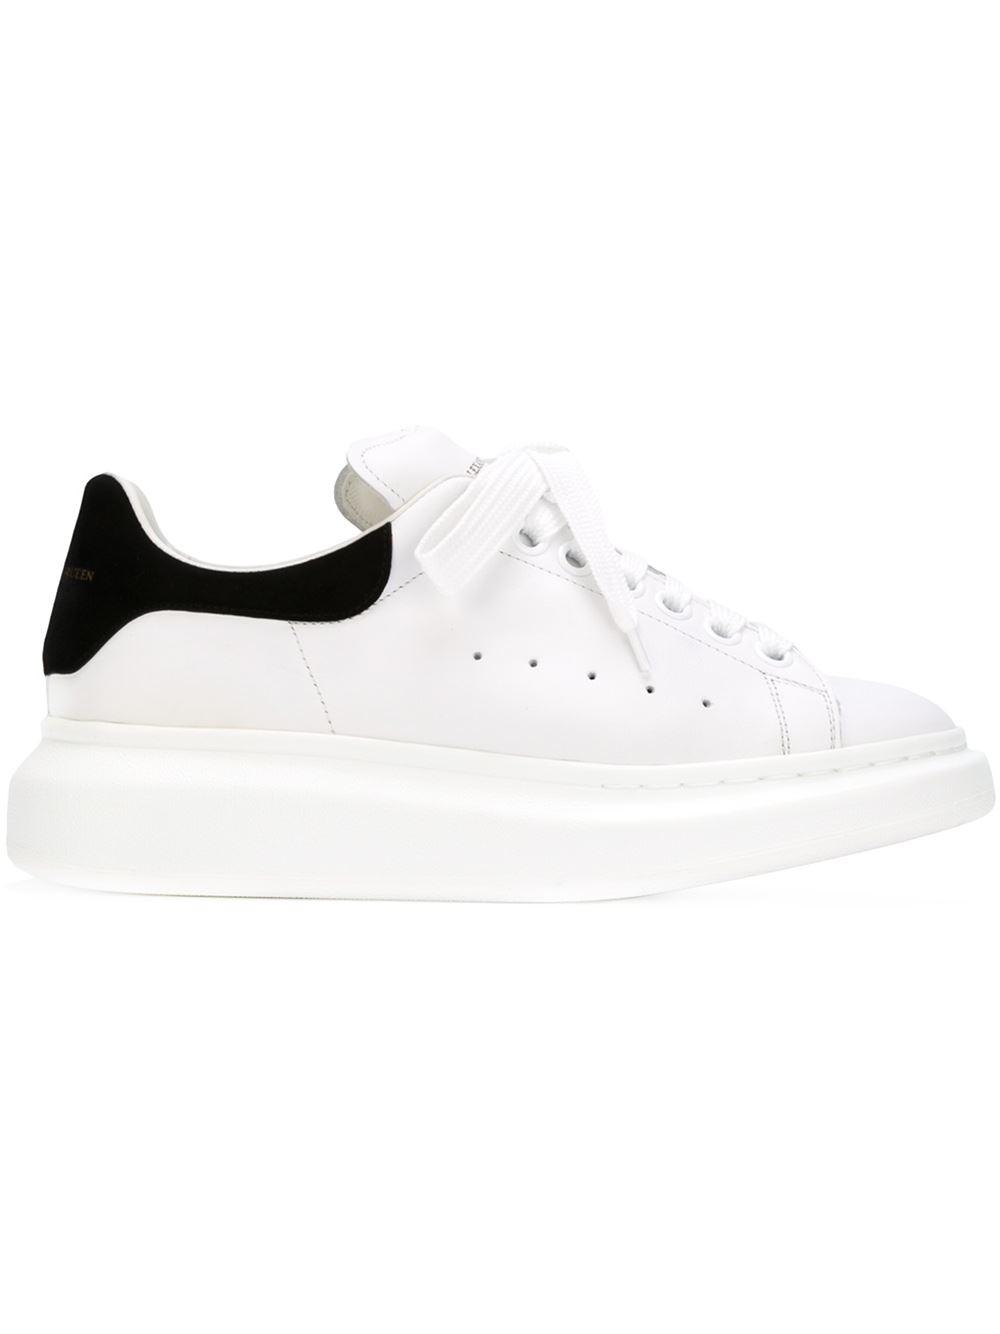 Sneakers alexander mcqueen femme